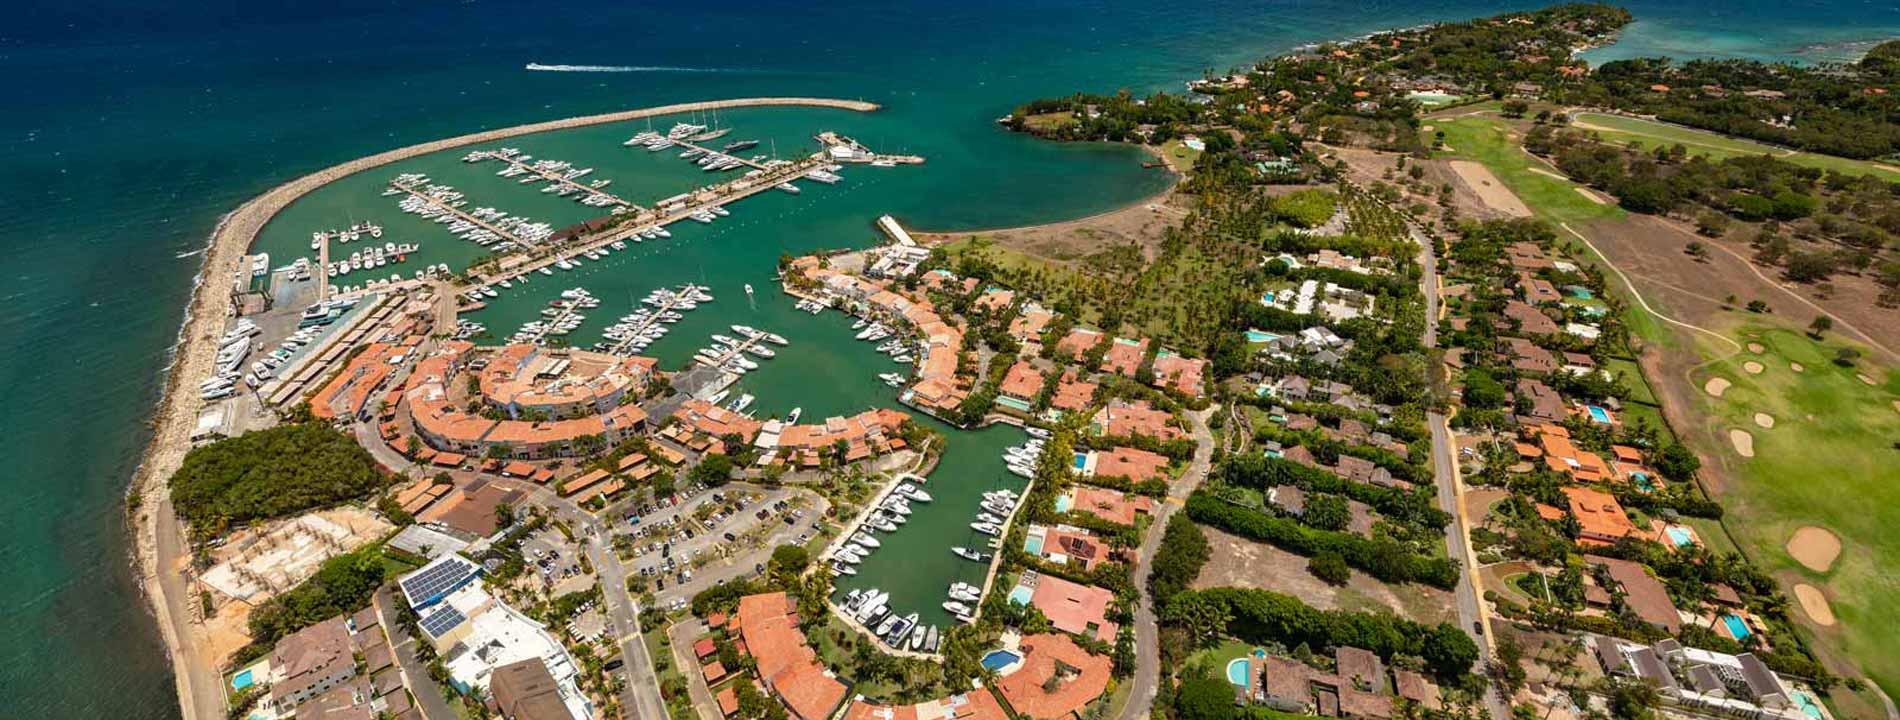 An aerial view of Casa de Campo resort.